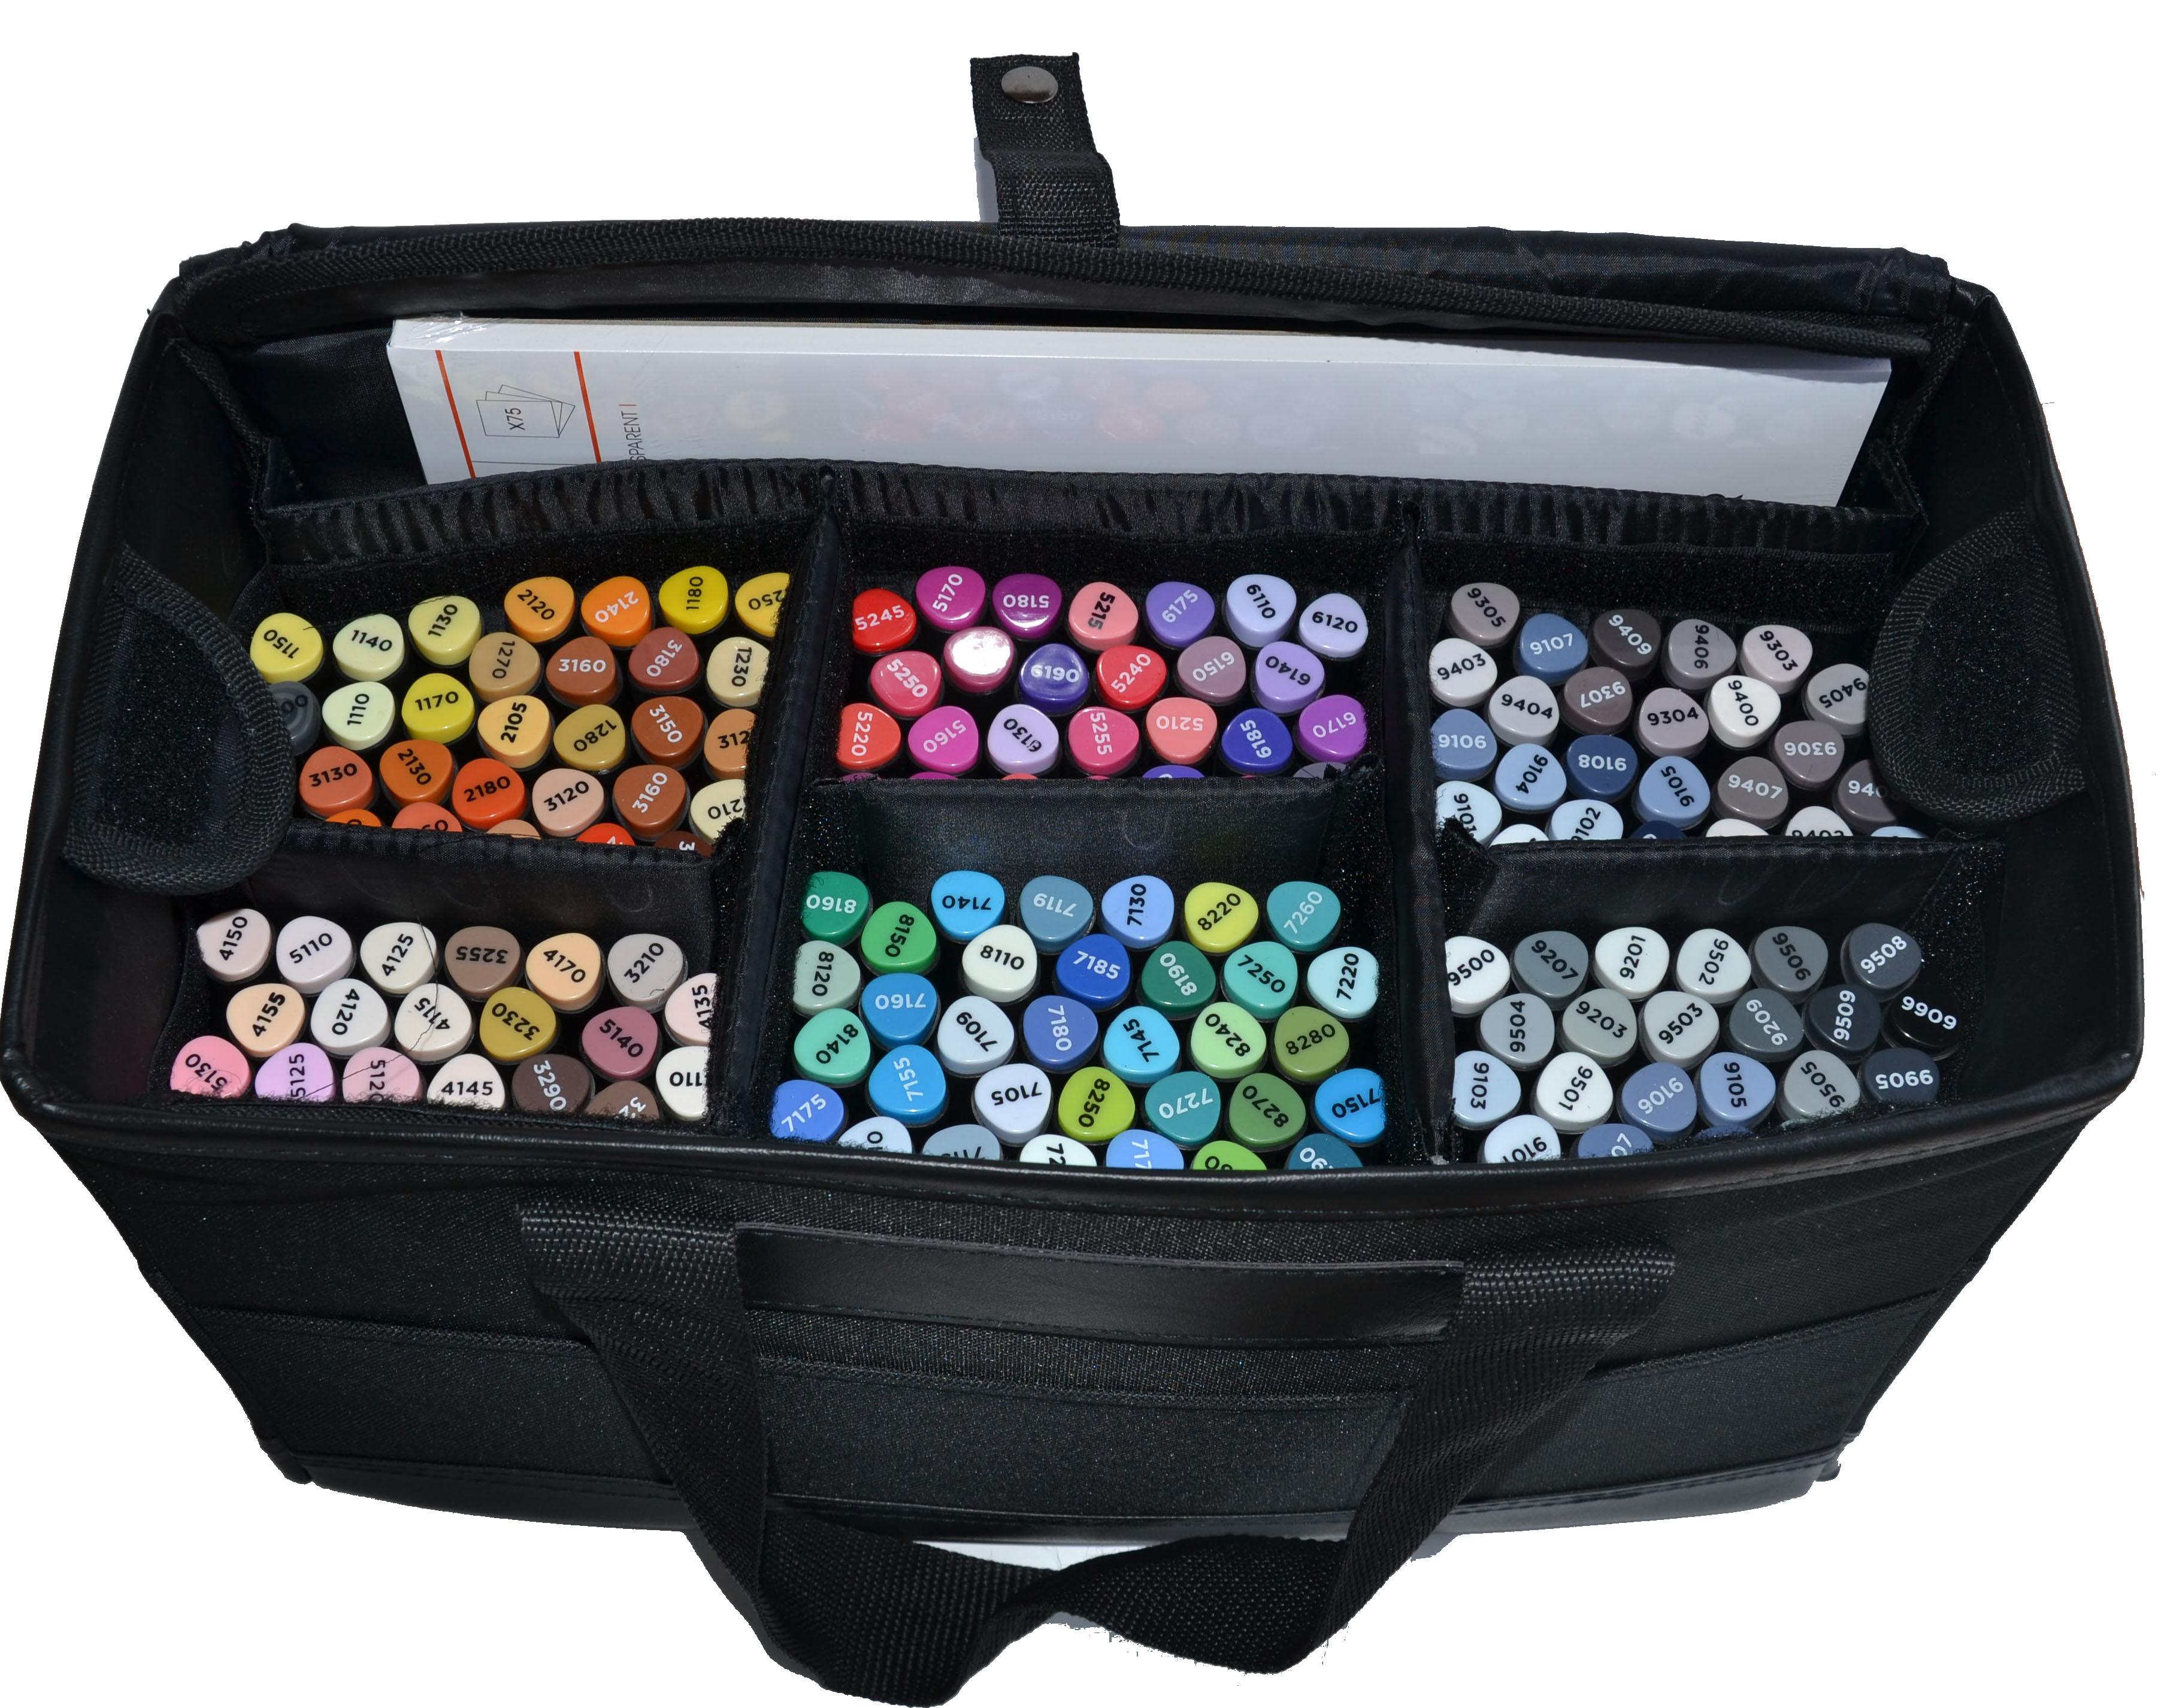 La malette de la collection compl te the briefcase of for Malette de couture complete